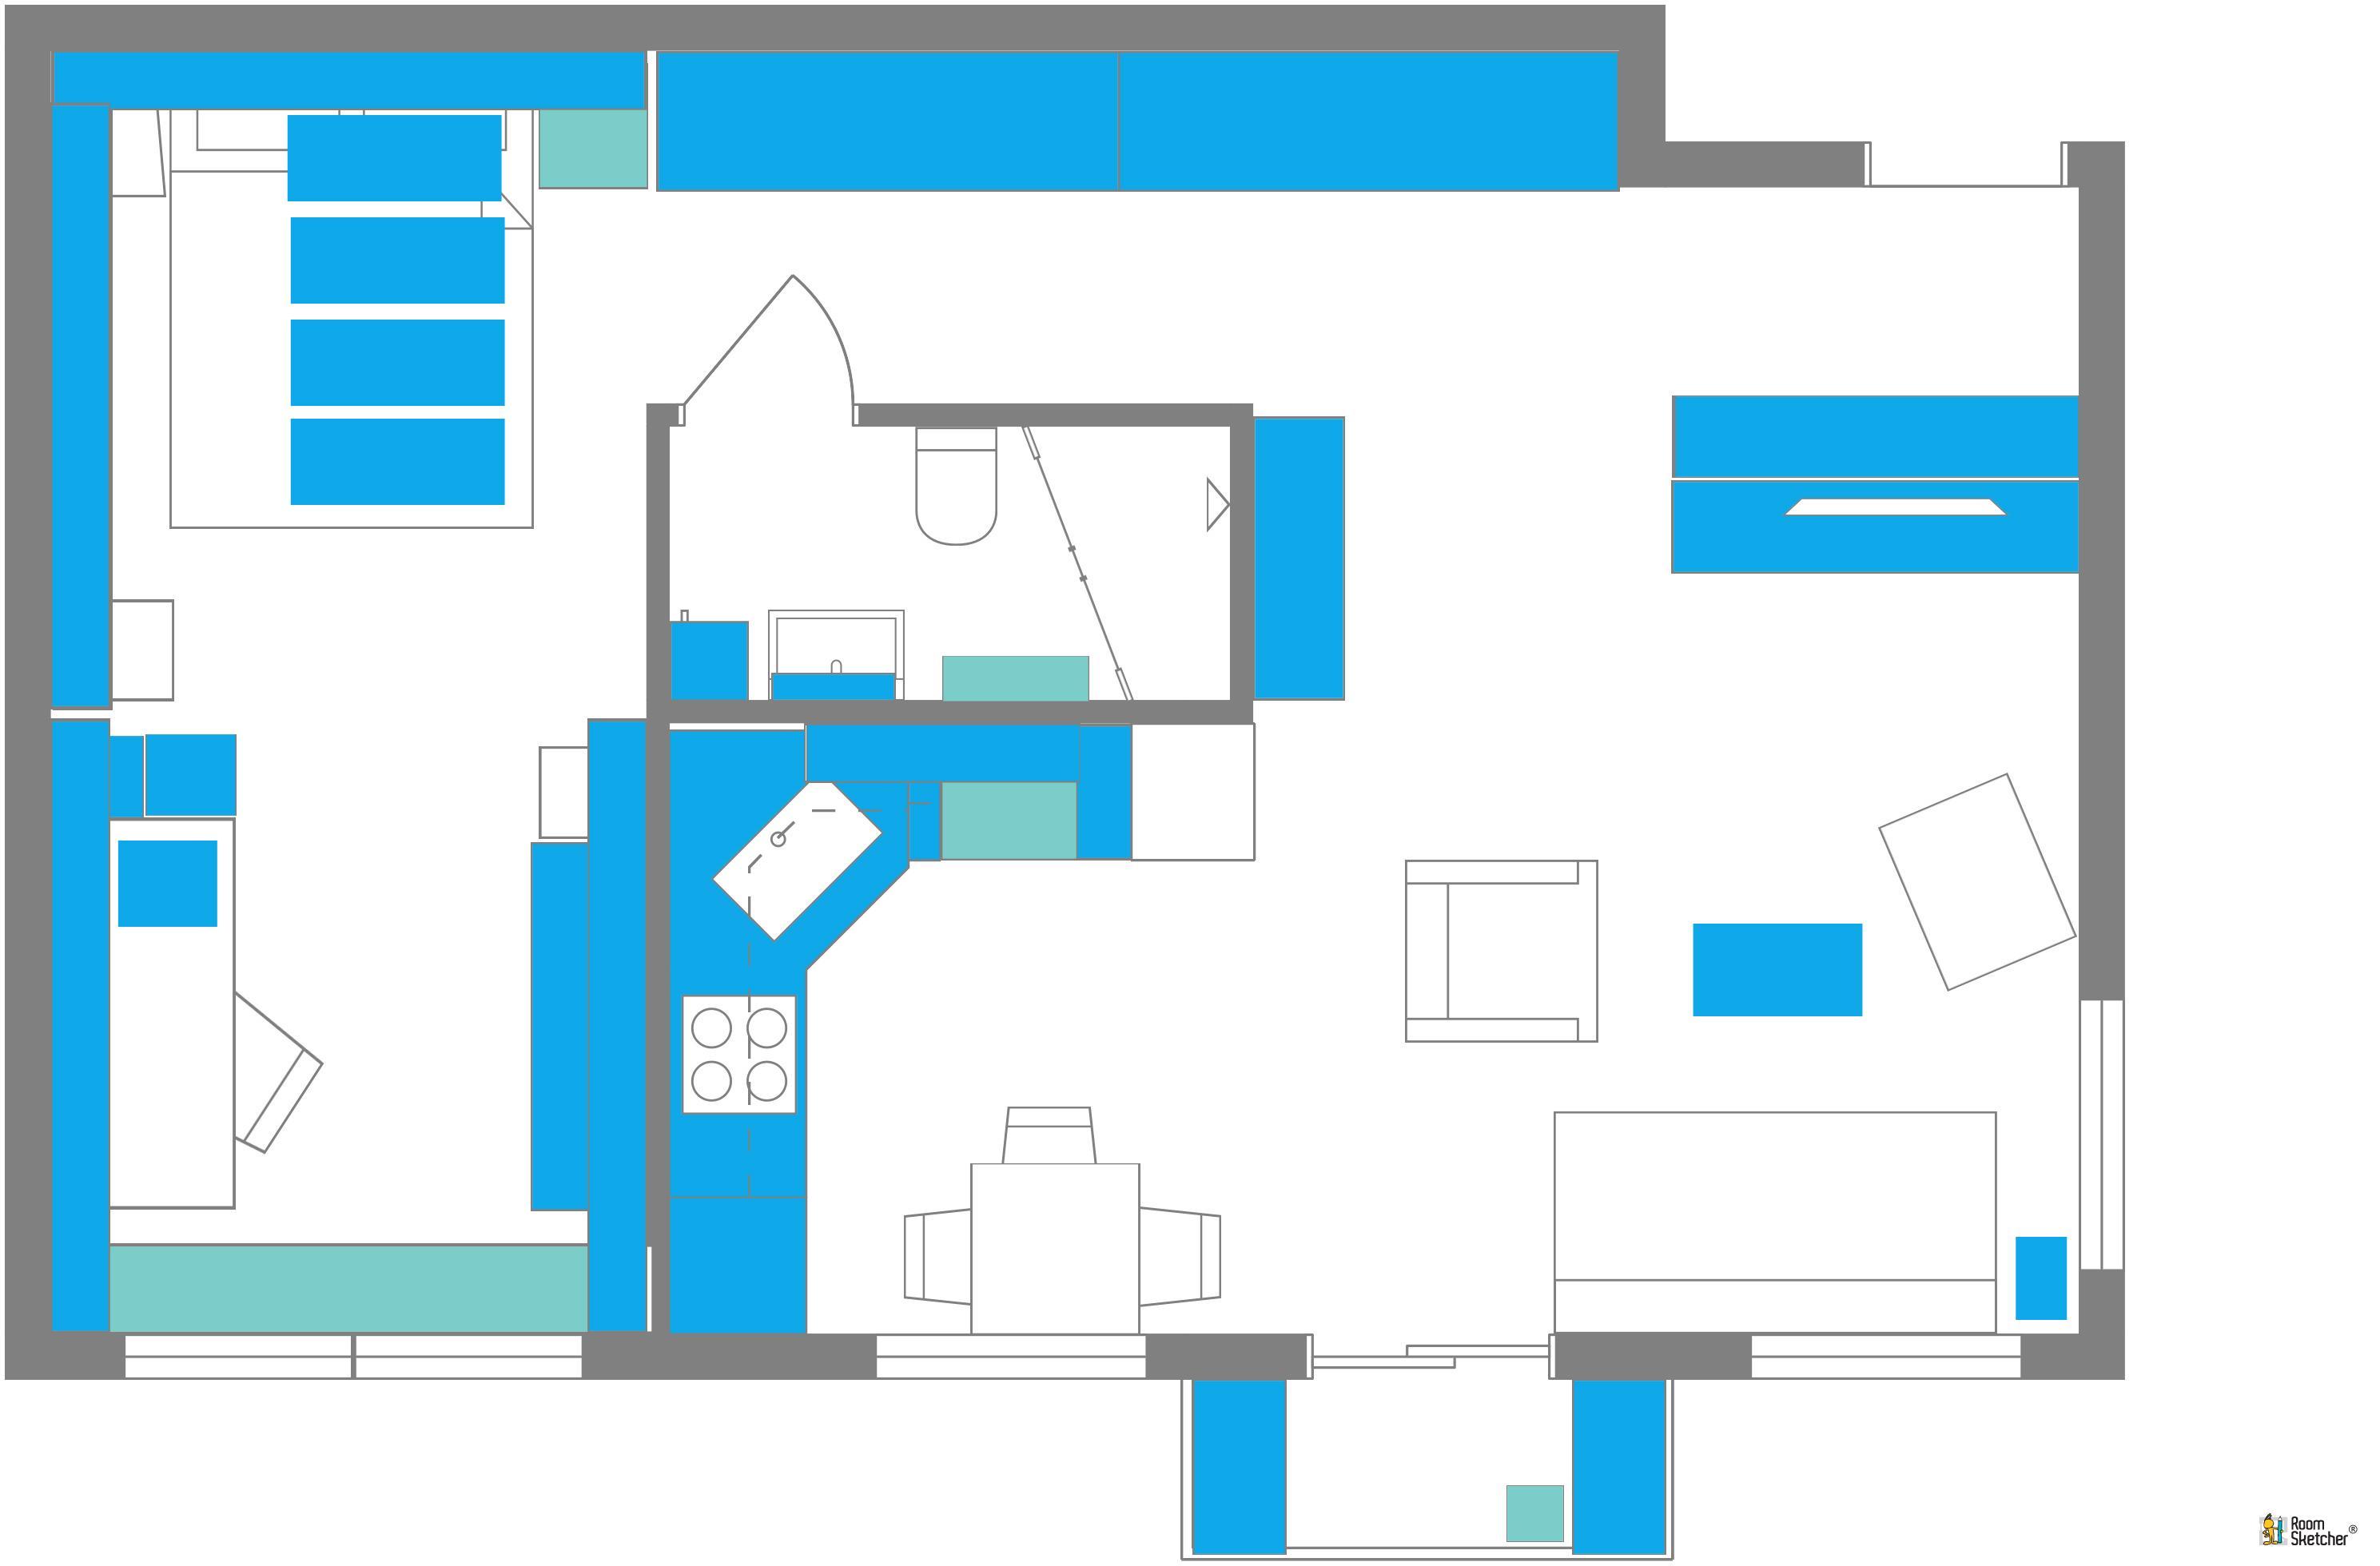 RoomSketcher Wohnidee Kleine Wohnung Mit Stauraum Einrichten 2D Grundriss Erluterung